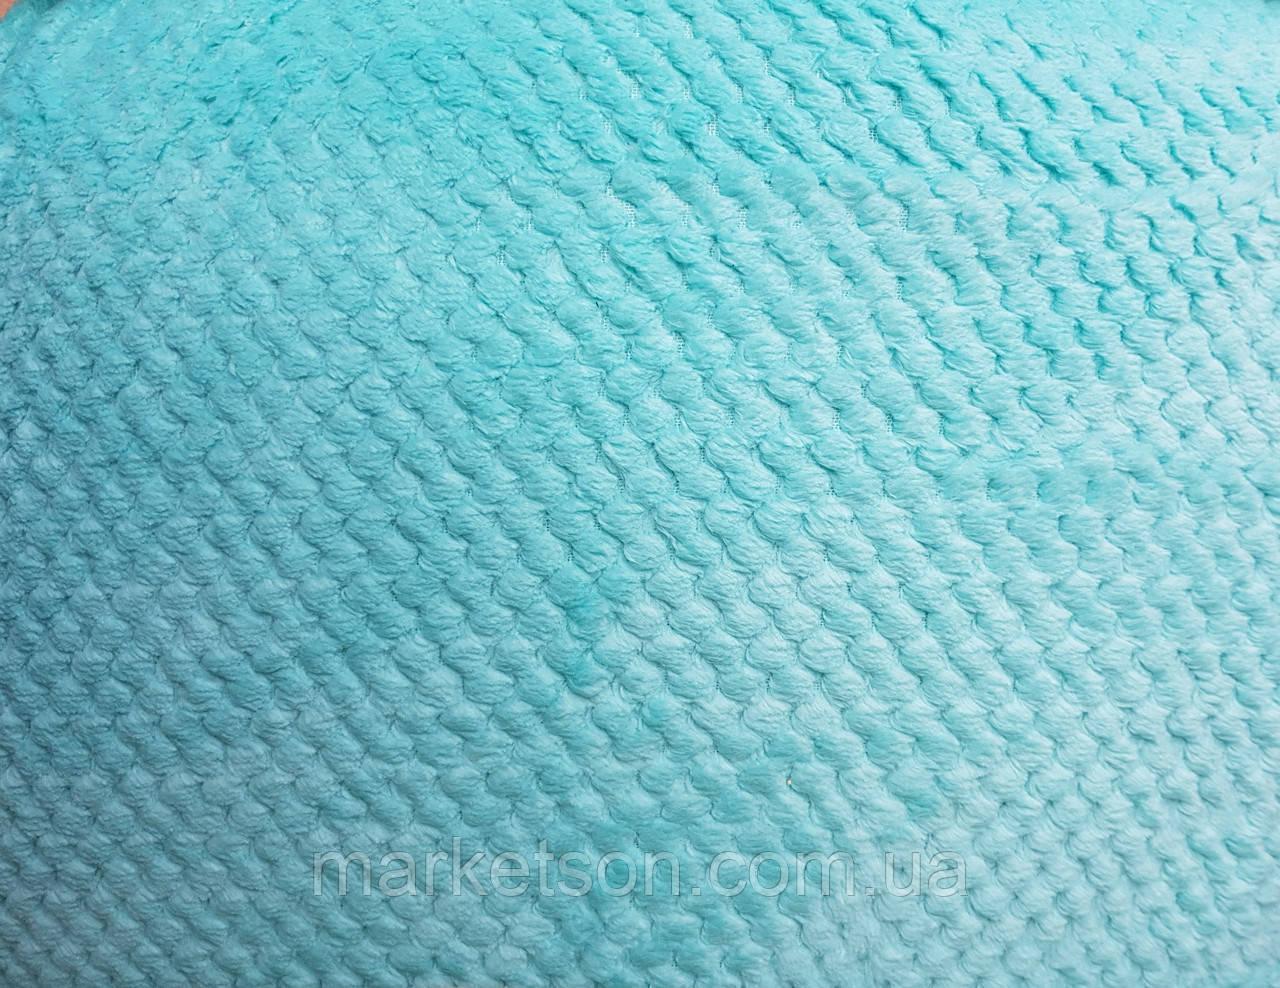 Простынь махровая из бамбука 150*200. Голубая.